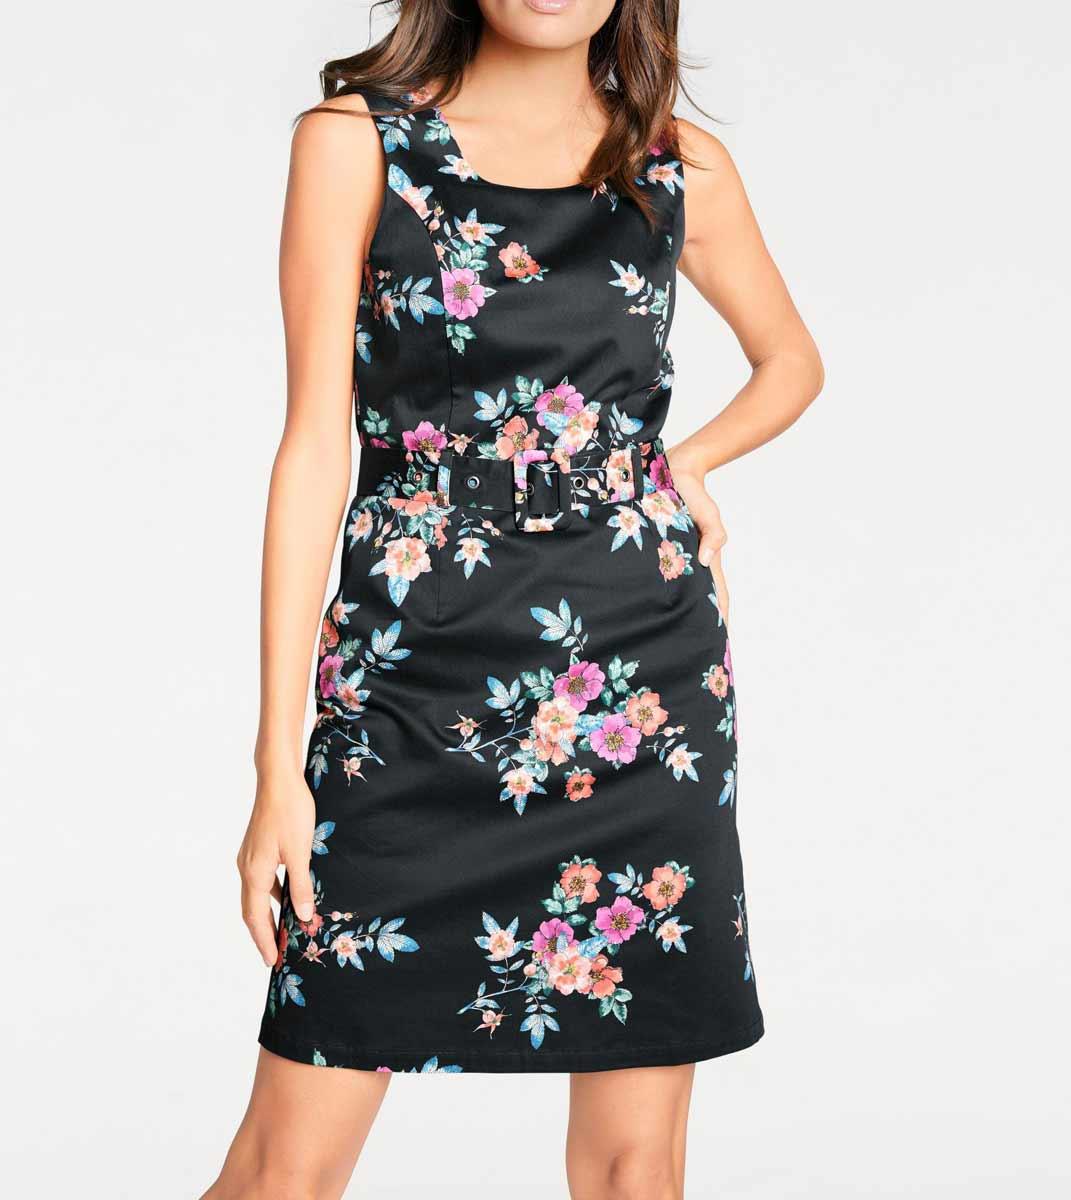 business kleider für damen ASHLEY BROOKE Damen Designer-Optimizer-Etuikleid Schwarz-Bunt 082.413 Missforty